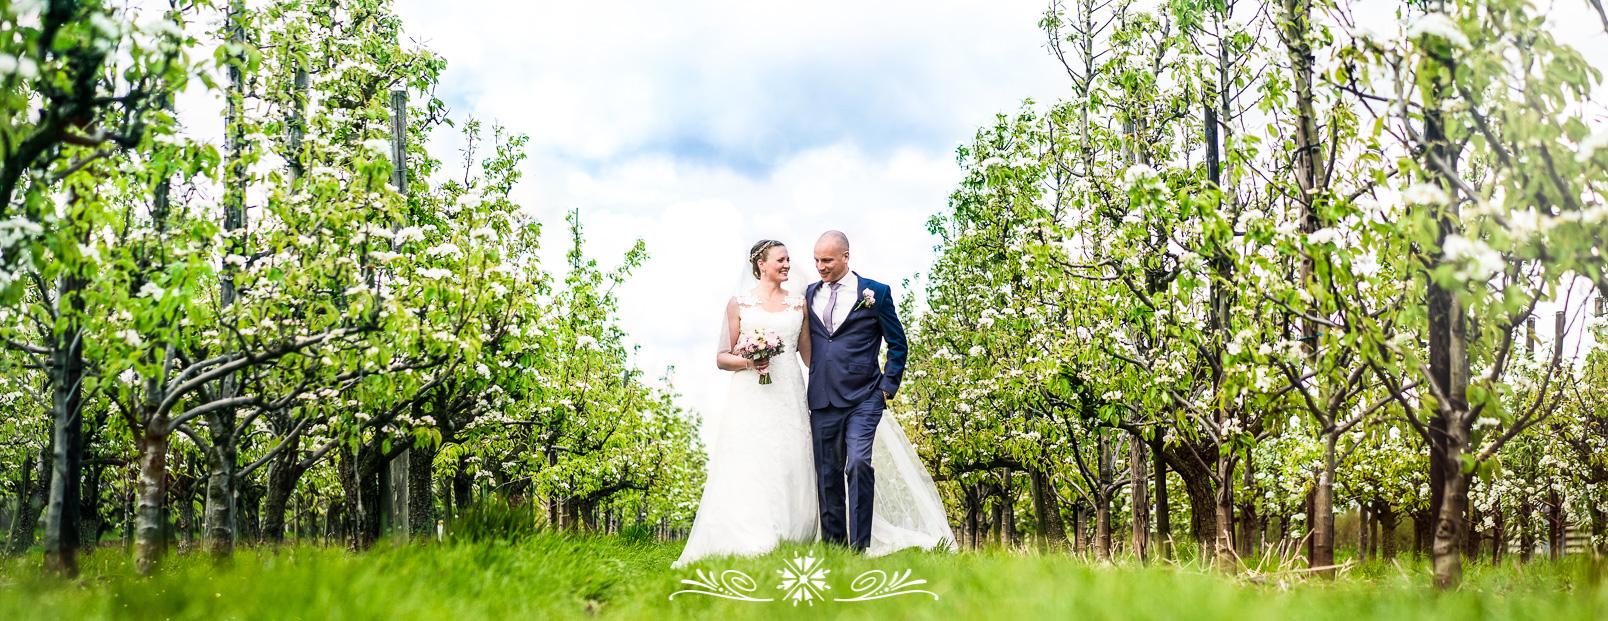 <p>De bruiloft van Marjolein en Dennis was al vroeg in het trouwseizoen. Lang voor hun trouwen hadden we onze eerste ontmoeting bij de moeder van Marjolein. Met de bruidsfotografie zijn wij altijd opzoek naar het unieke verhaal van het bruidspaar en proberen dit door te vertalen in onze storytelling bruidsreportage. [&hellip;]</p>